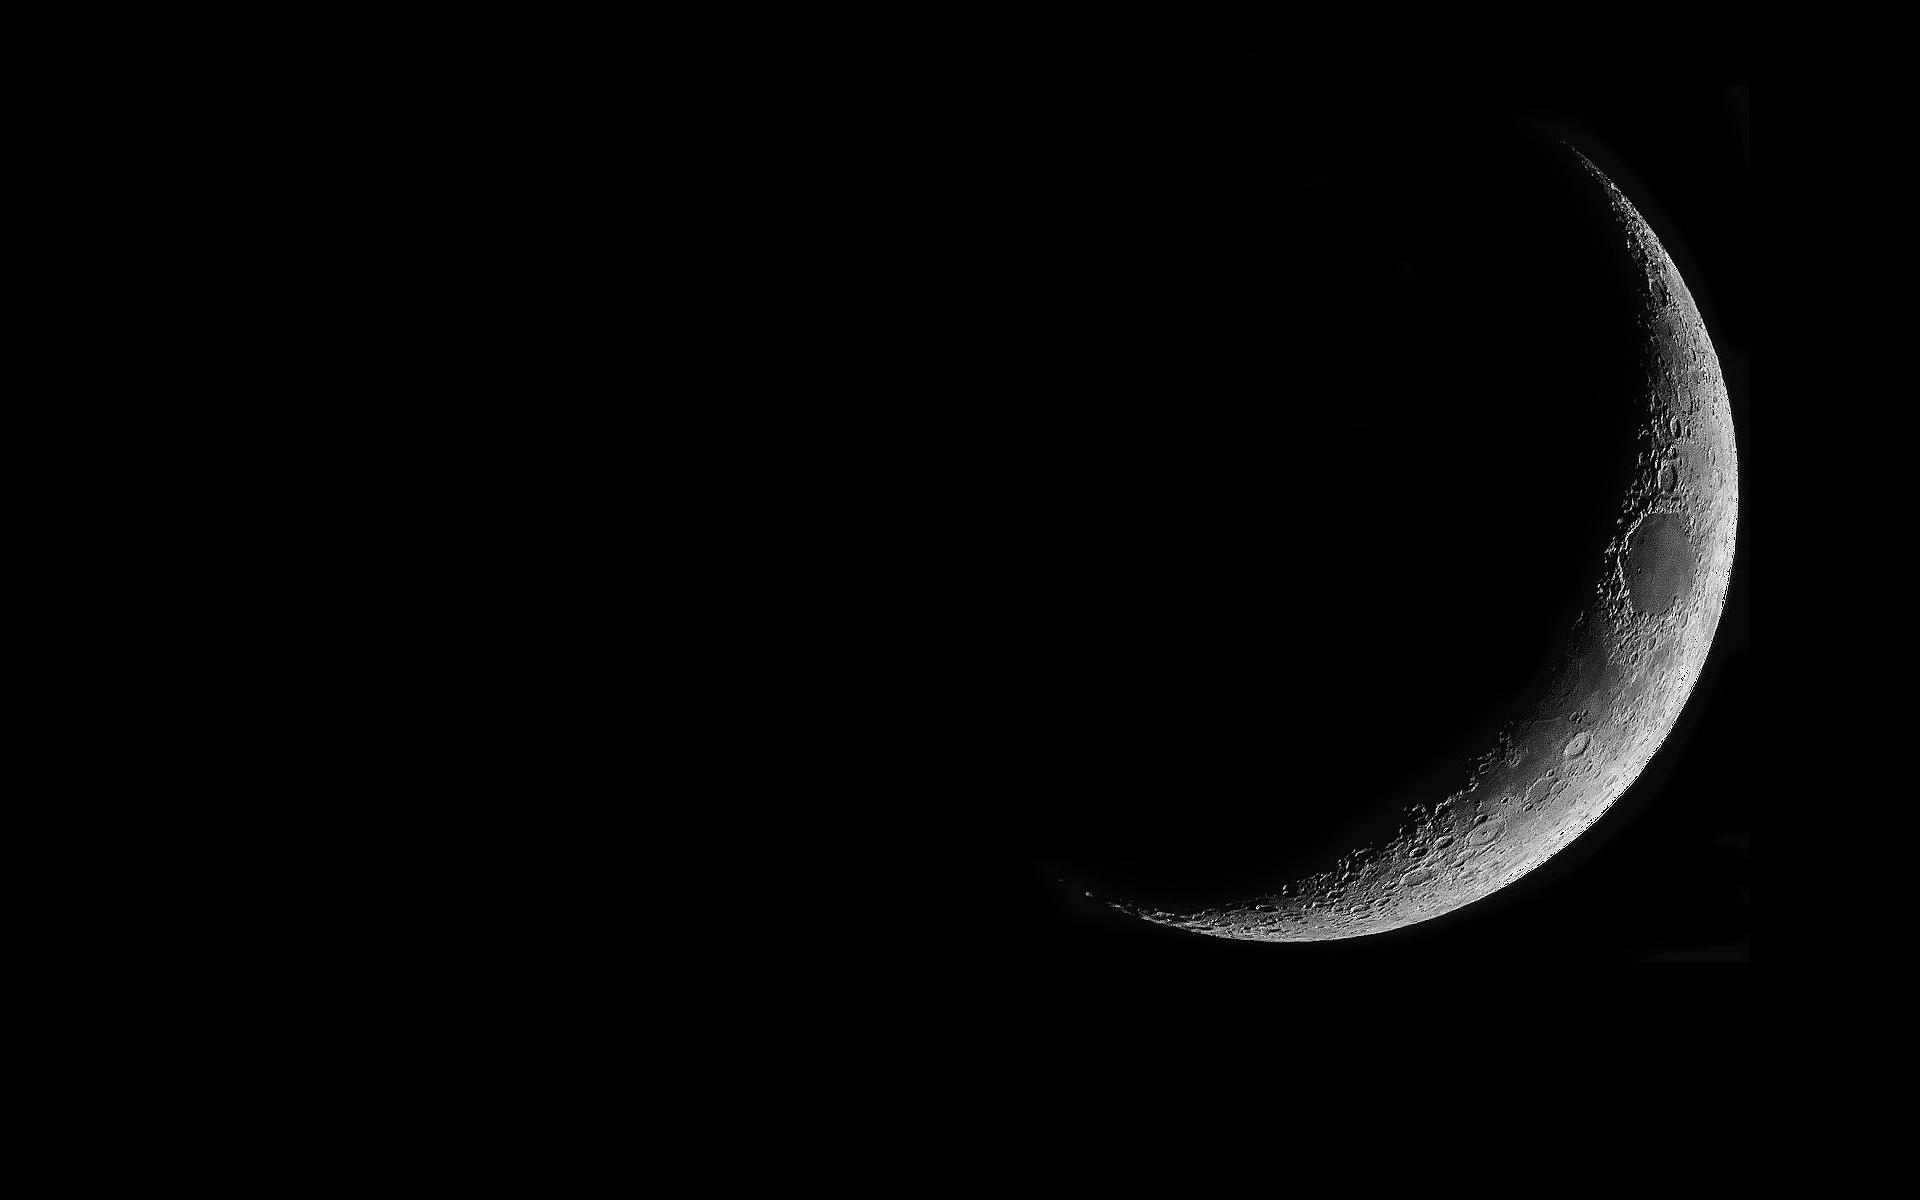 Crescent Moon Wallpaper 1920 X 1200